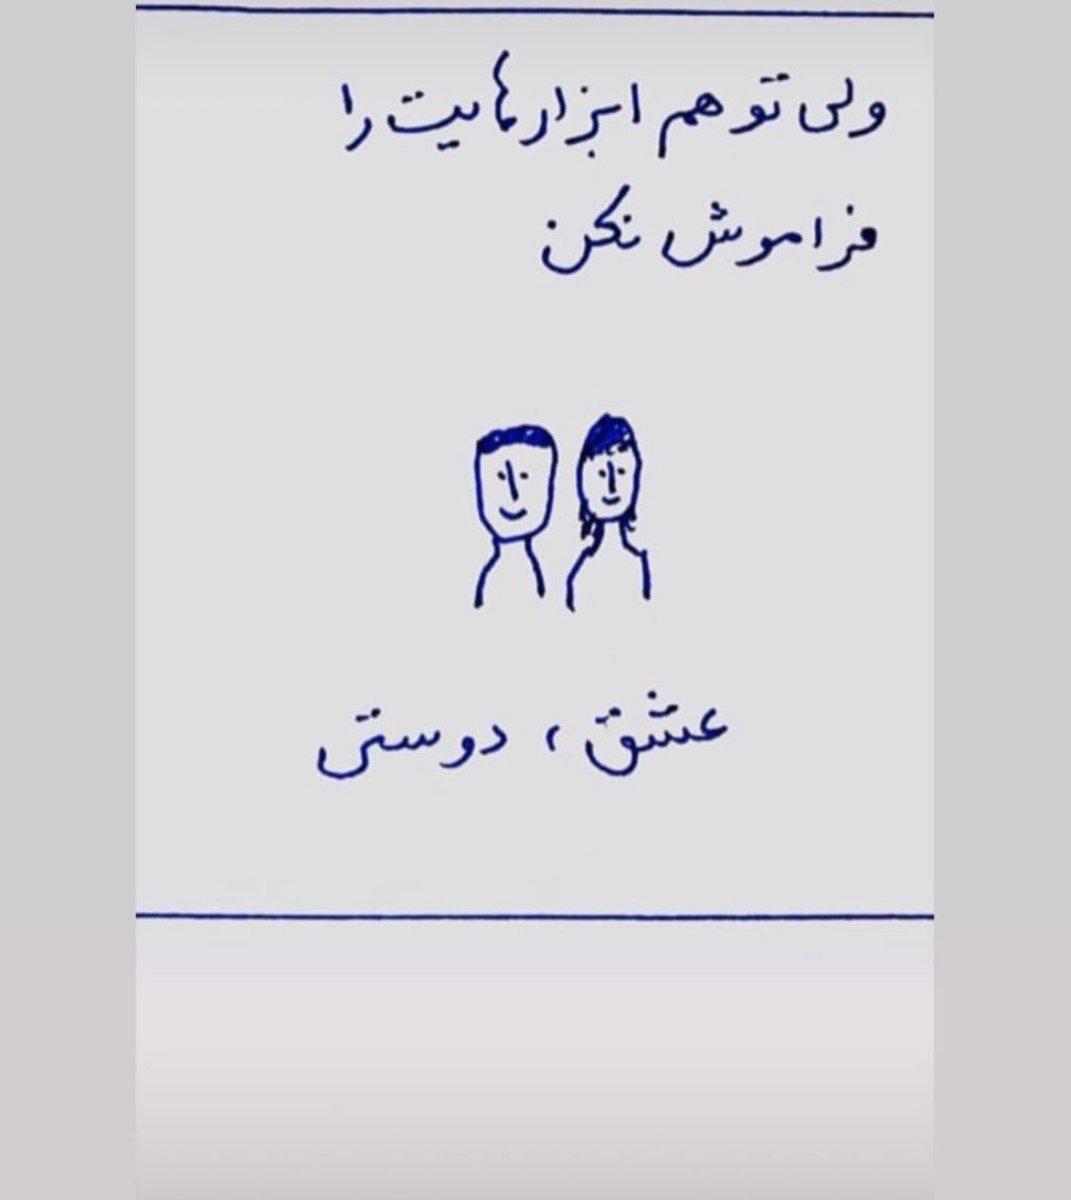 ولی تو هم ابزارهایت را فراموش نکن :عشق،دوستی،زمان،خشم و امید :))))😢🕊✌🏻#IranProtests #EyesOnIran